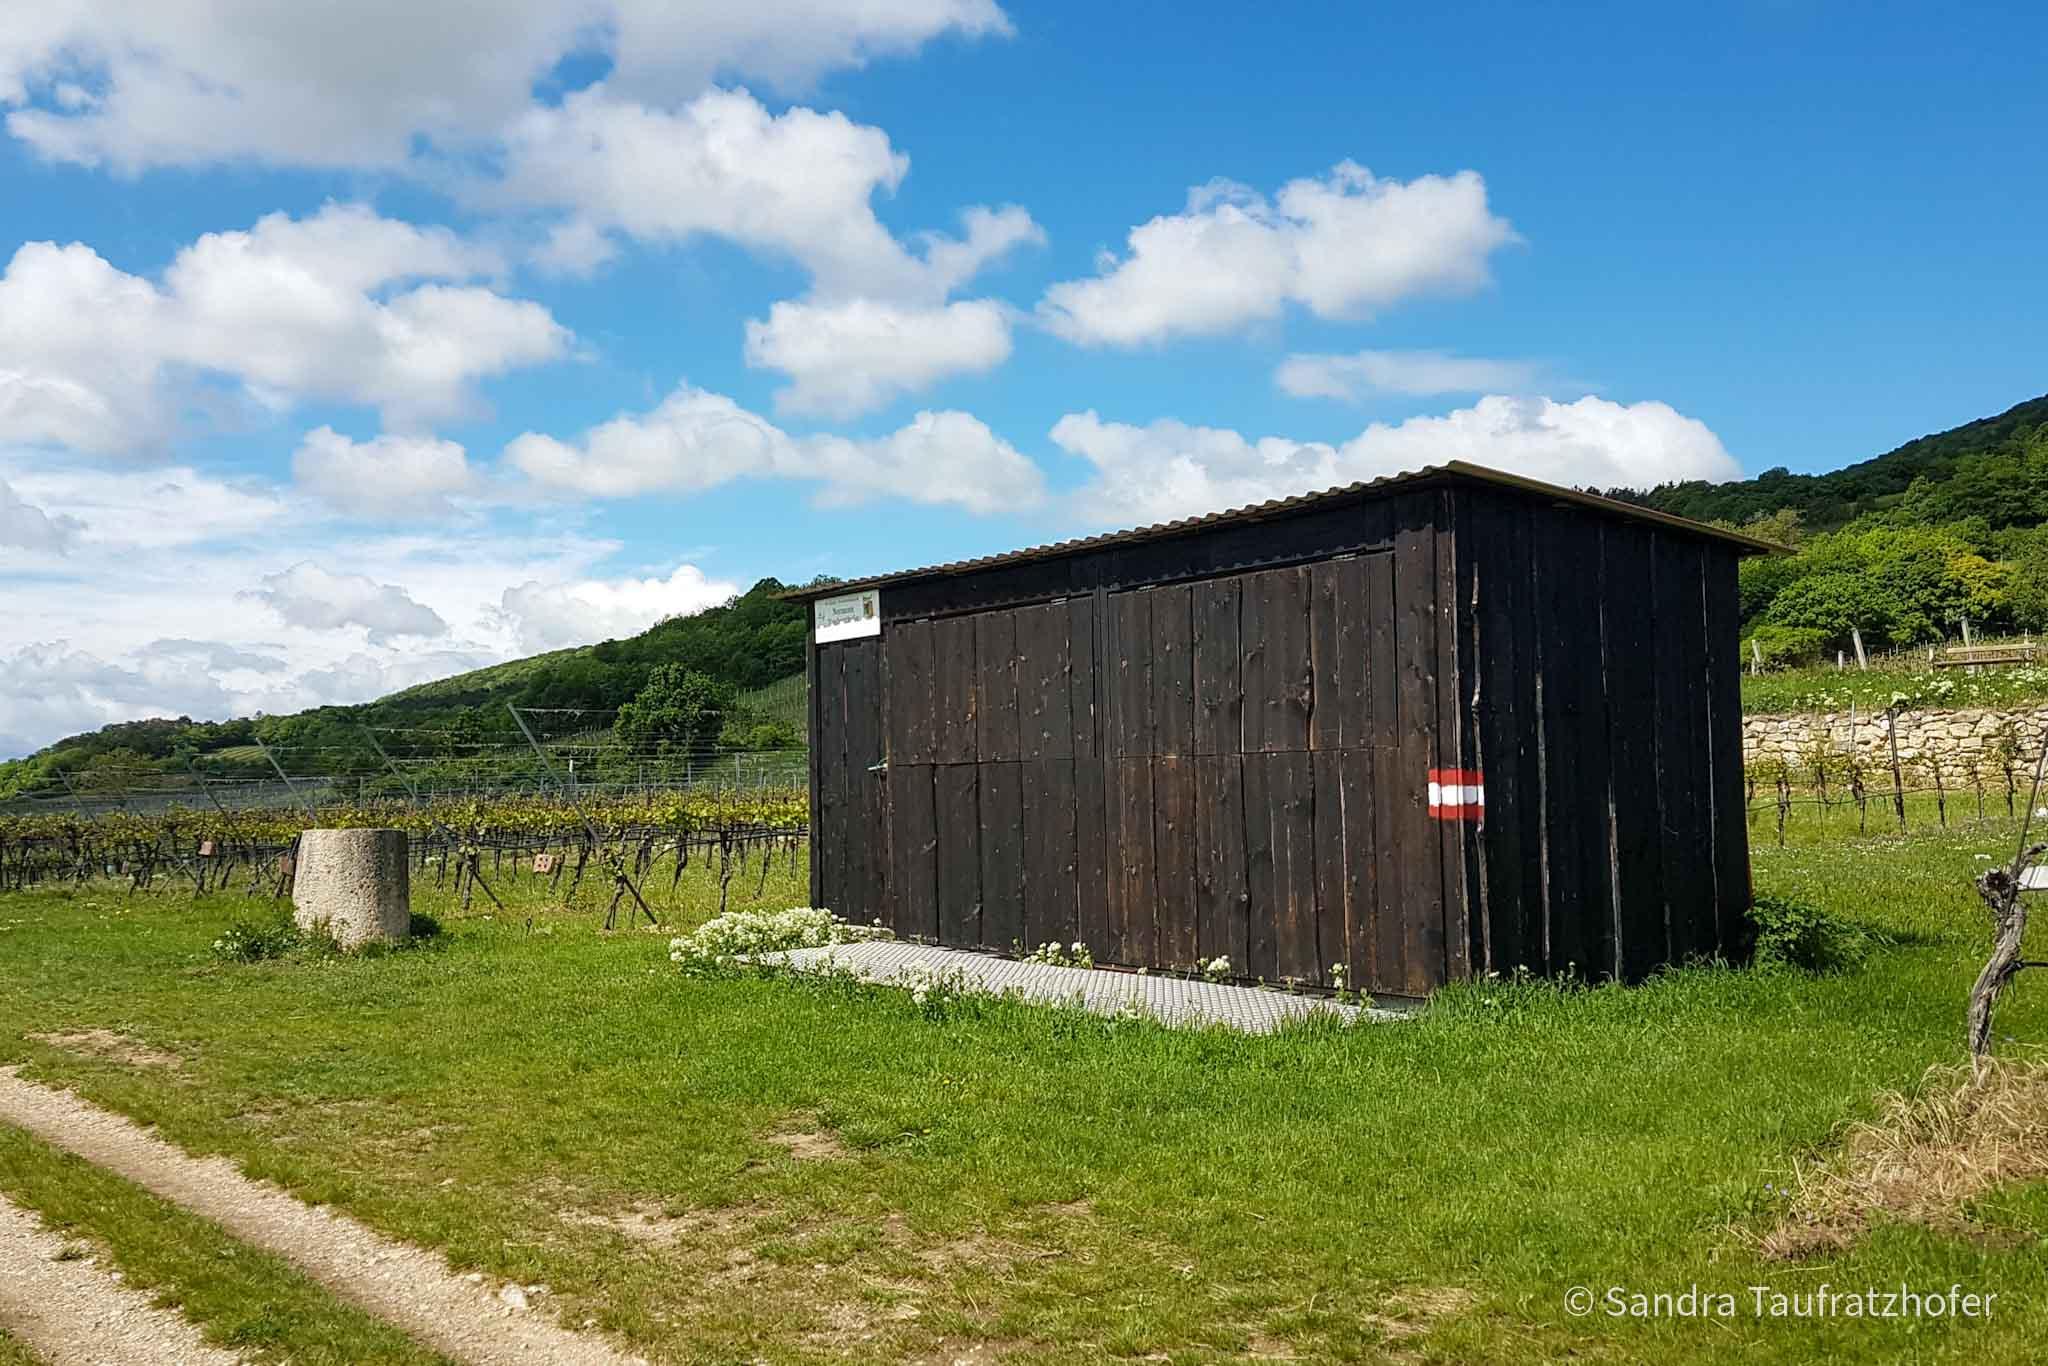 Sturmhütte Taufratzhofer in den Weingärten von Gumpoldskirchen, Frühling (© Sandra Taufratzhofer)